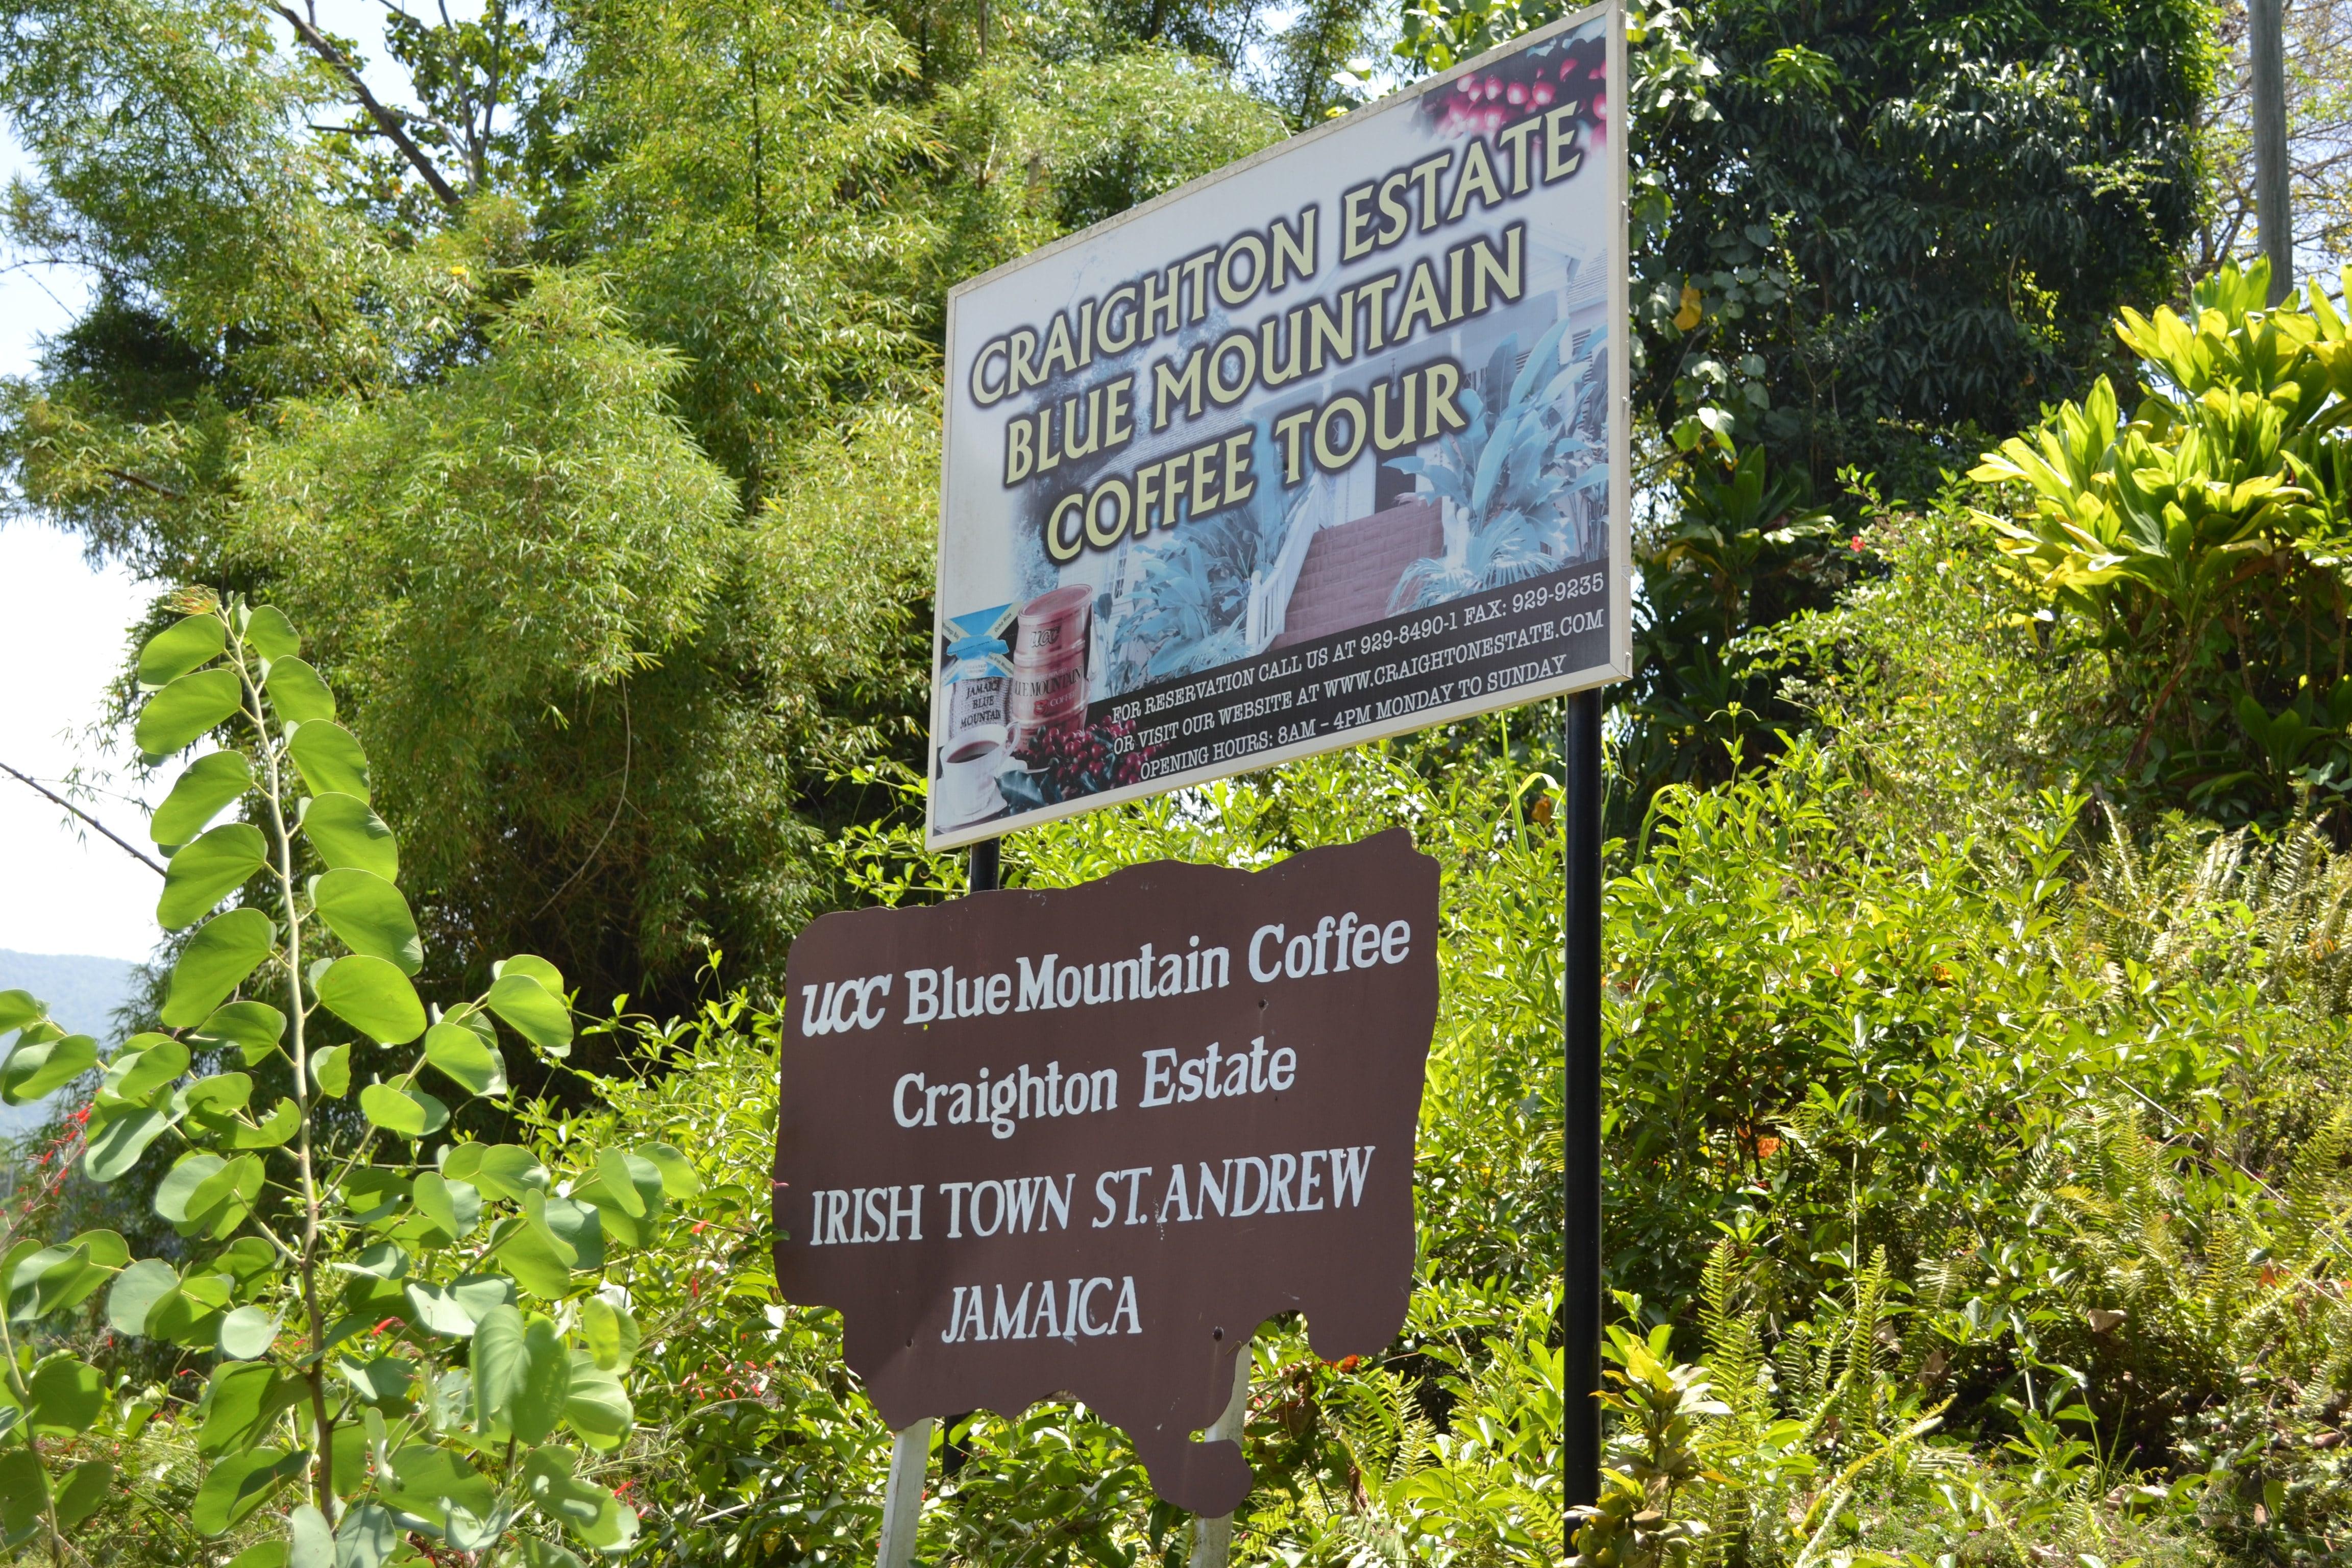 Blue Mountain Estate thegrio.com